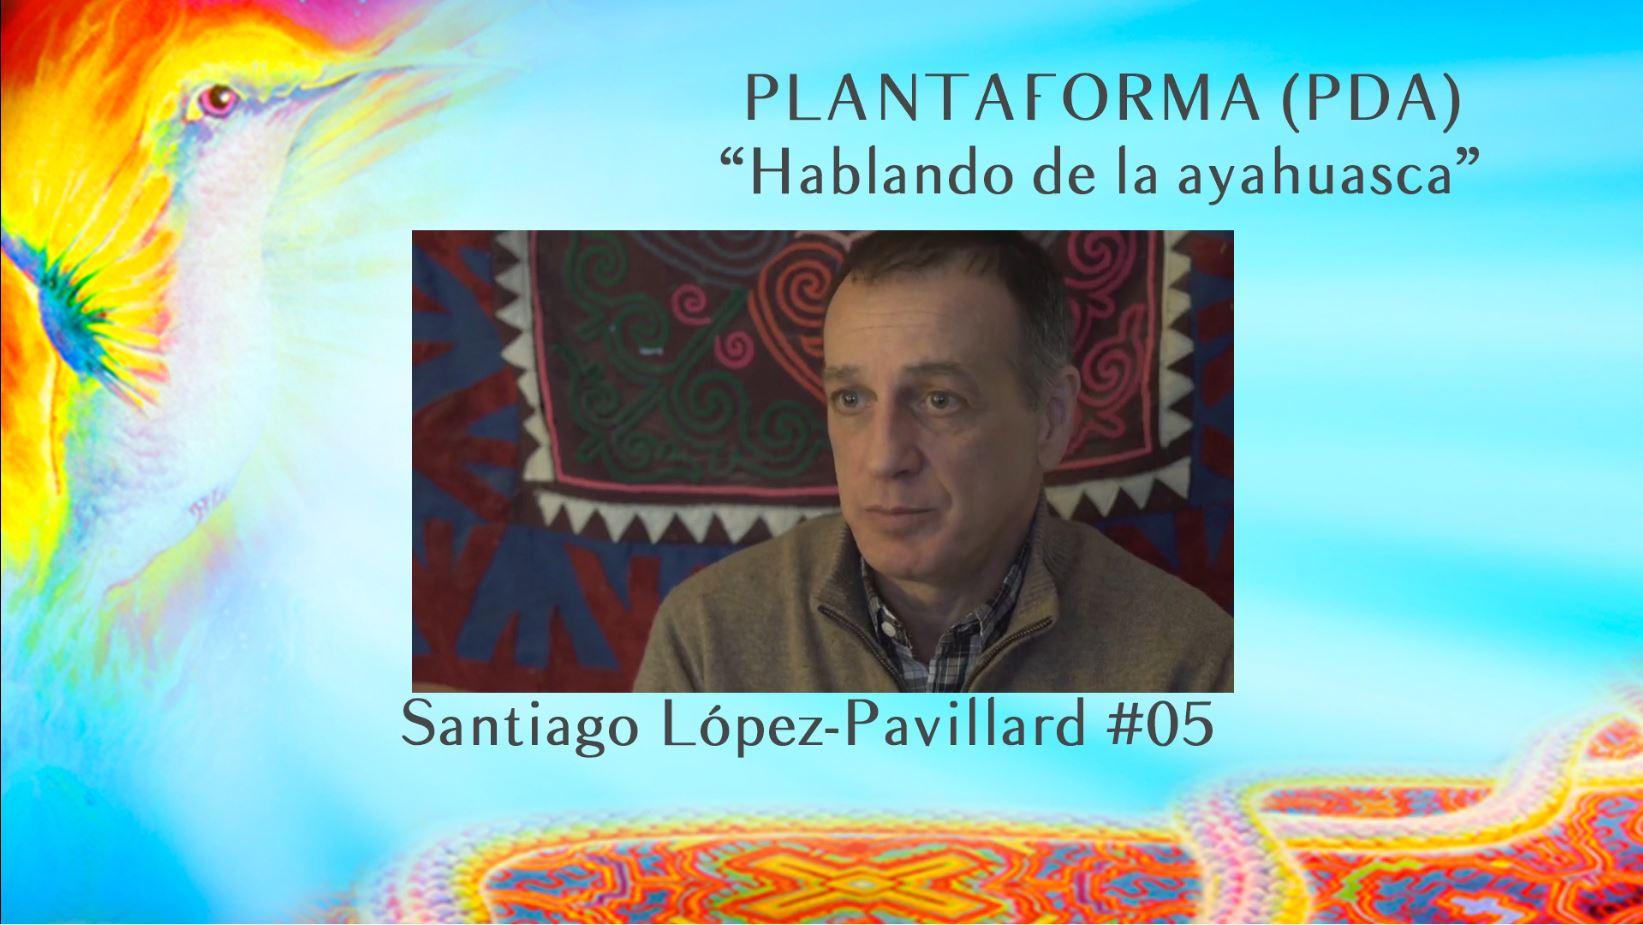 Hablando_de_la_ayahuasca__5_2.JPG